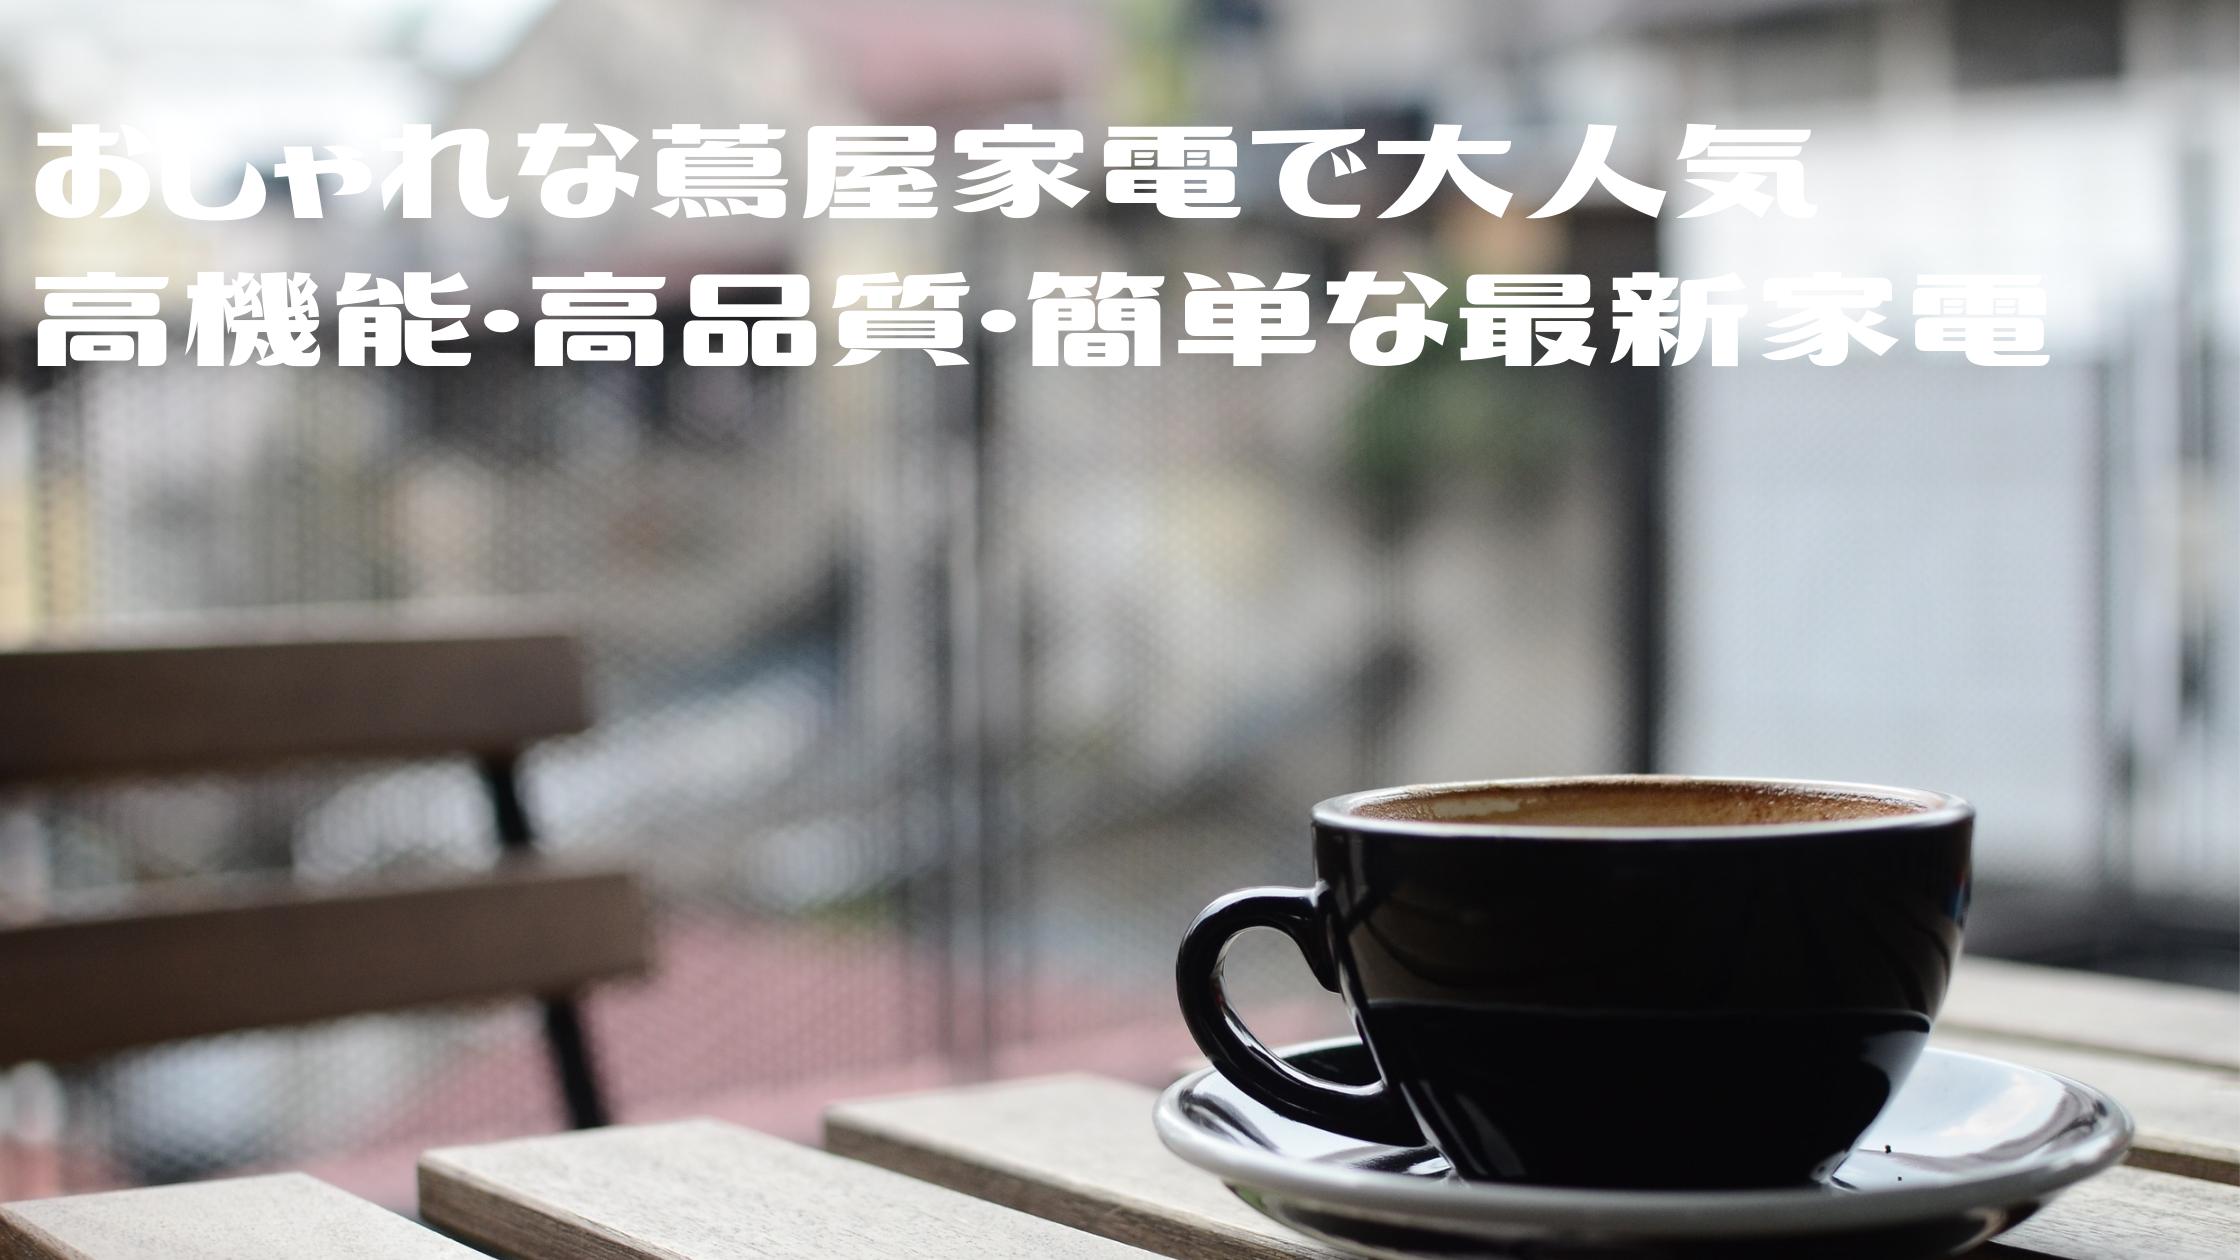 【蔦屋家電】でおしゃれで人気な『除菌マシン』『おウチでカフェ気分』『エンタメ家電』最新ステイホーム家電